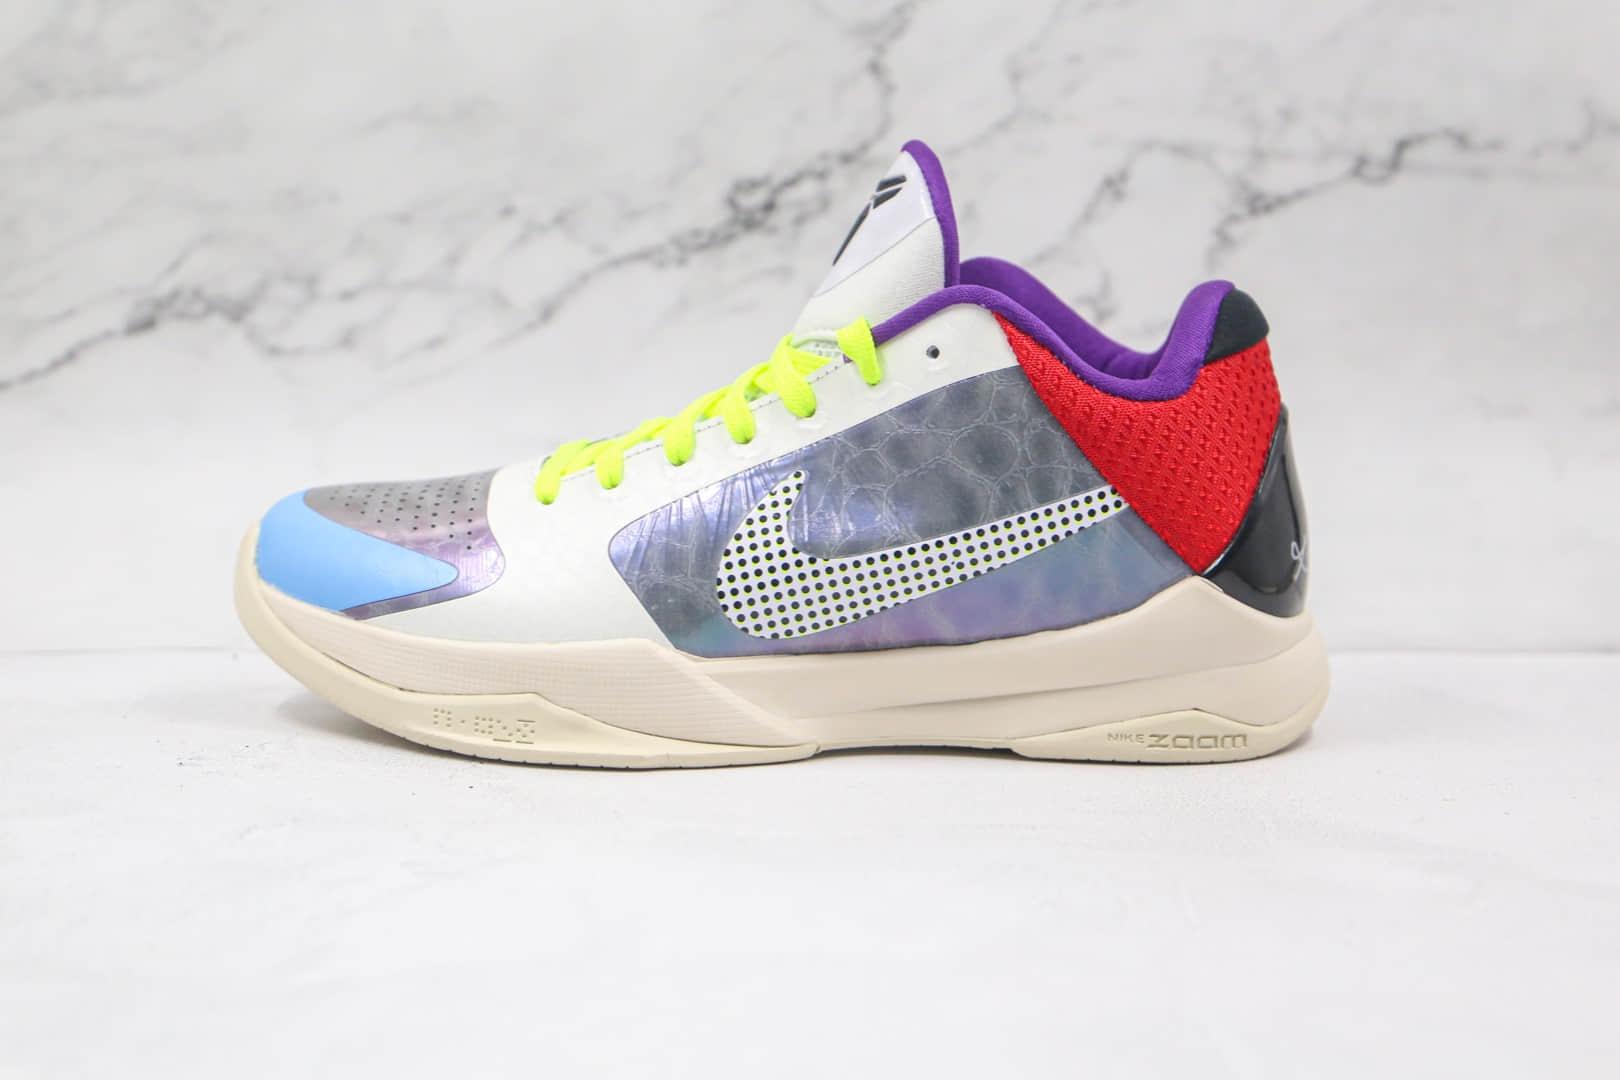 纯原版本耐克科比5代塔克多颗粒灰色实战篮球鞋出货